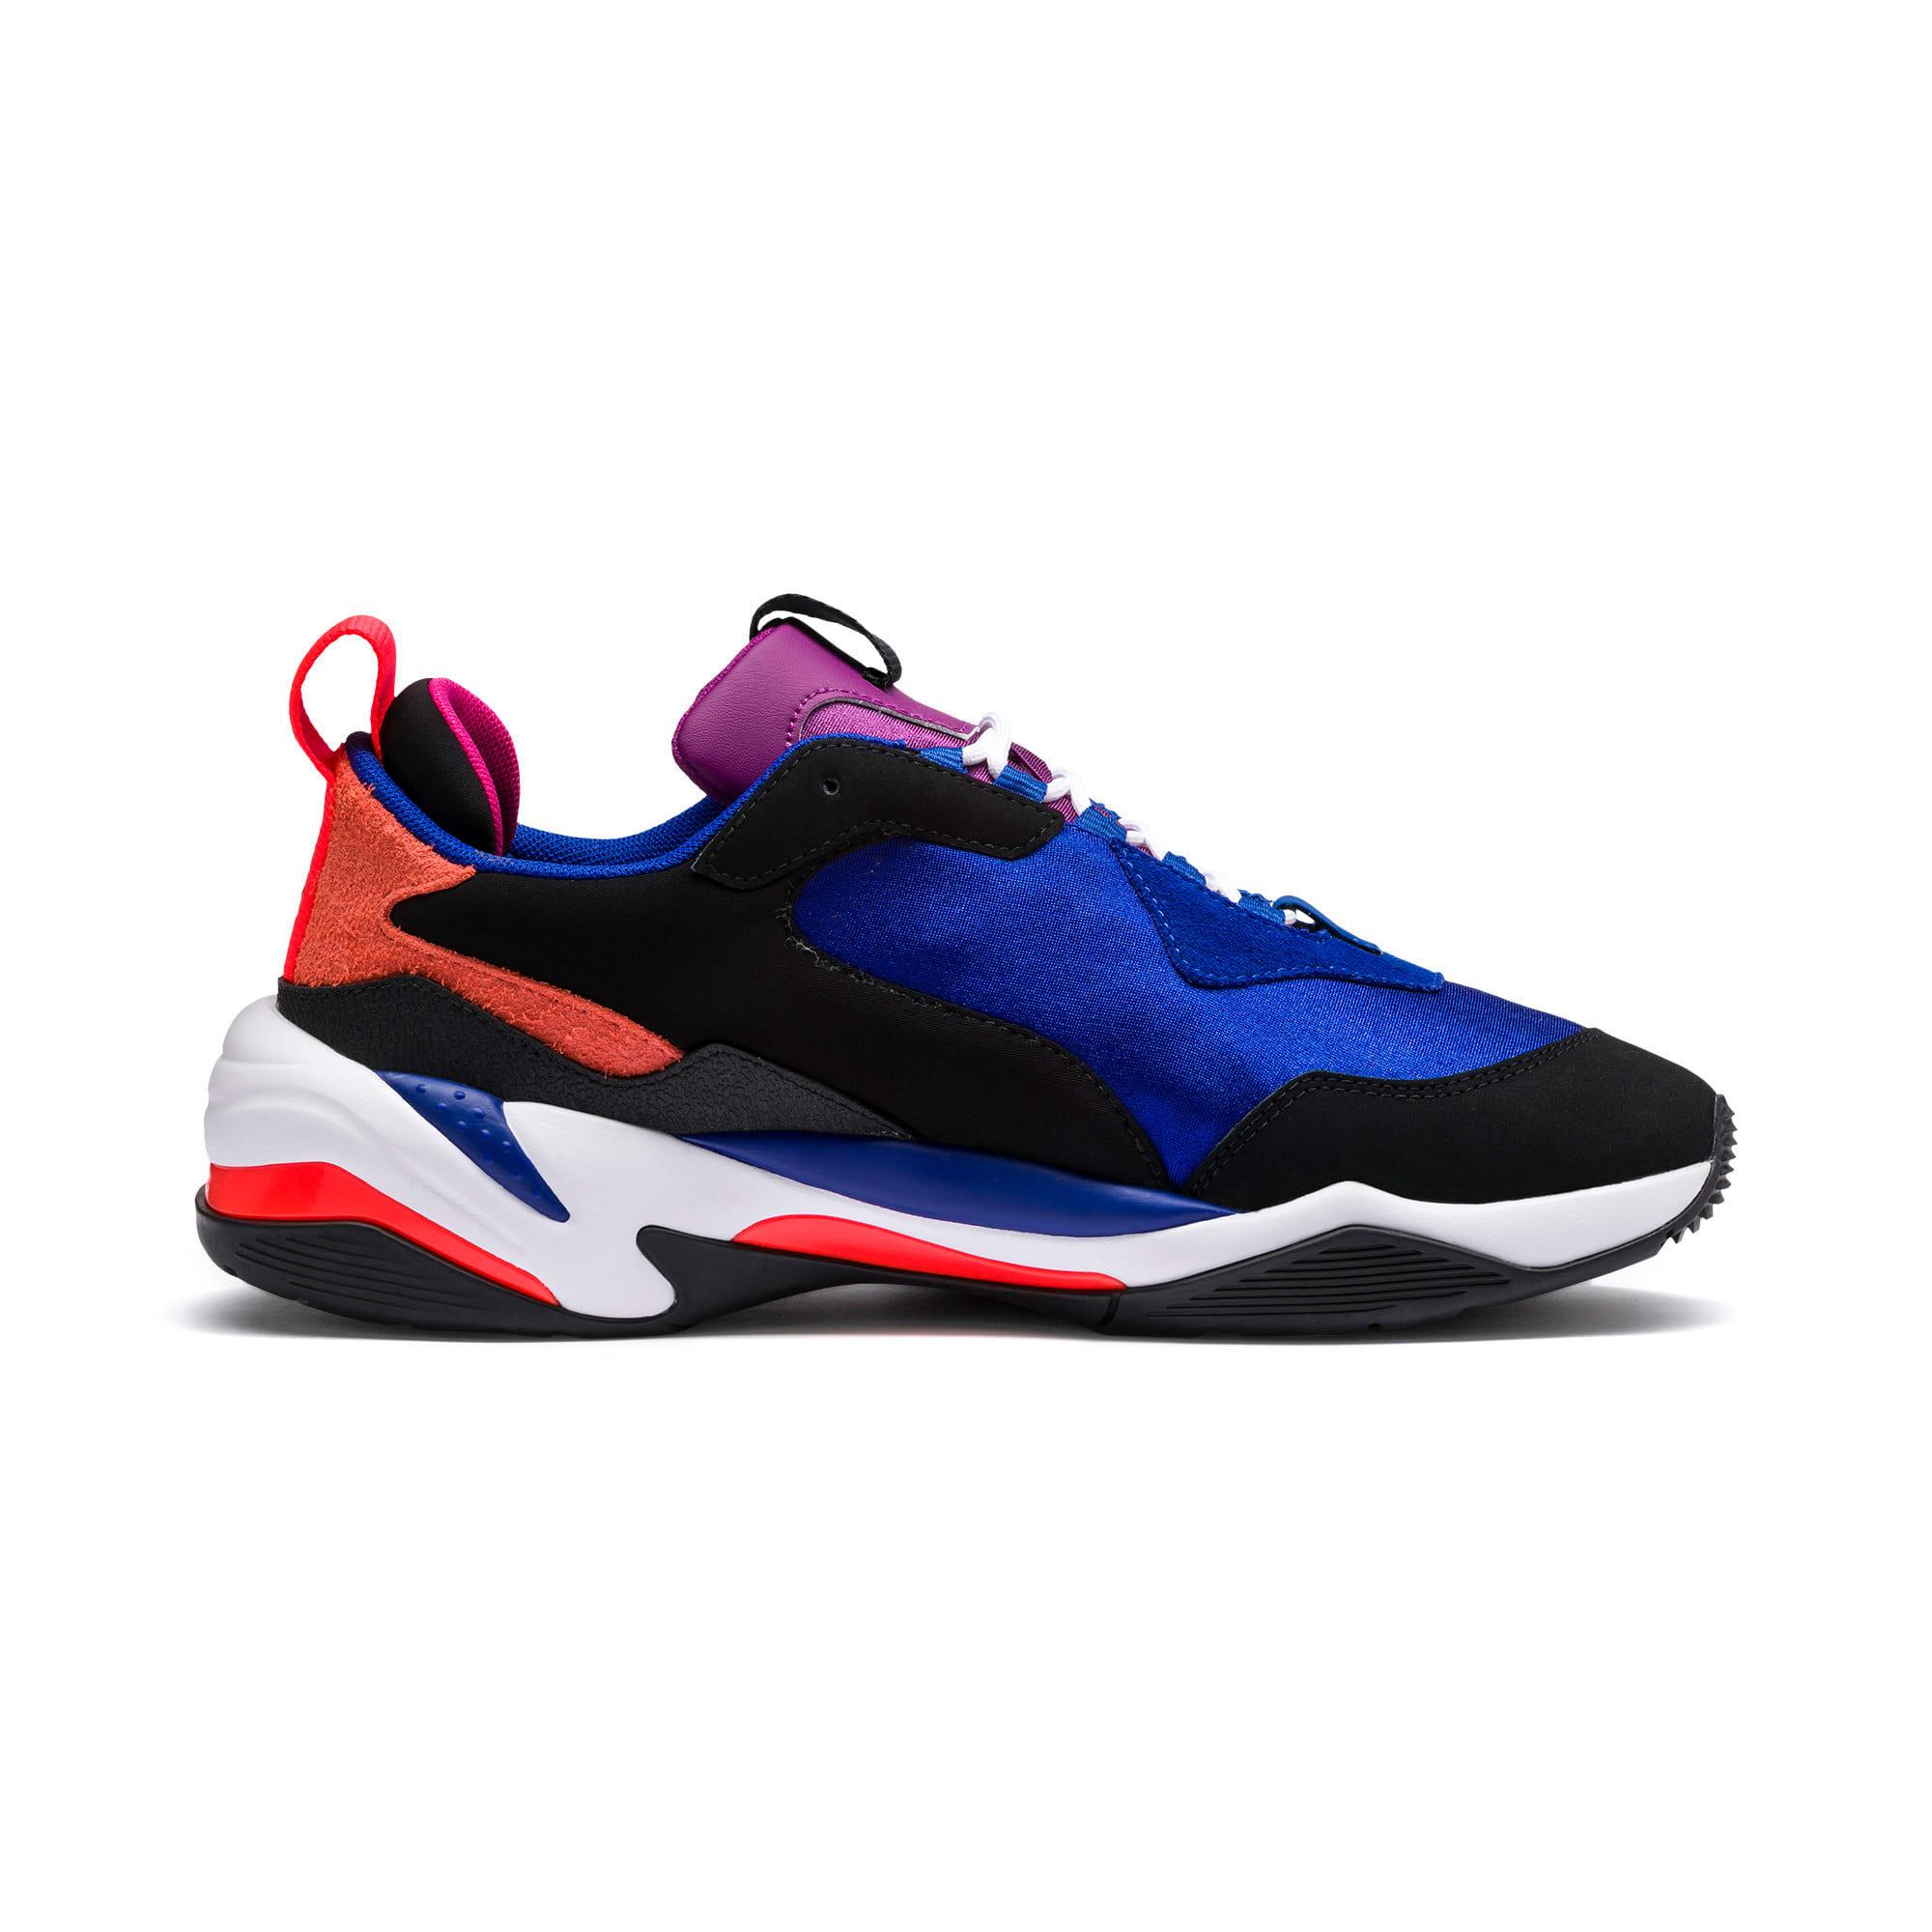 Miniatura 6 de Zapatos deportivos Thunder 4 Life, Surf The Web-Puma White, mediano